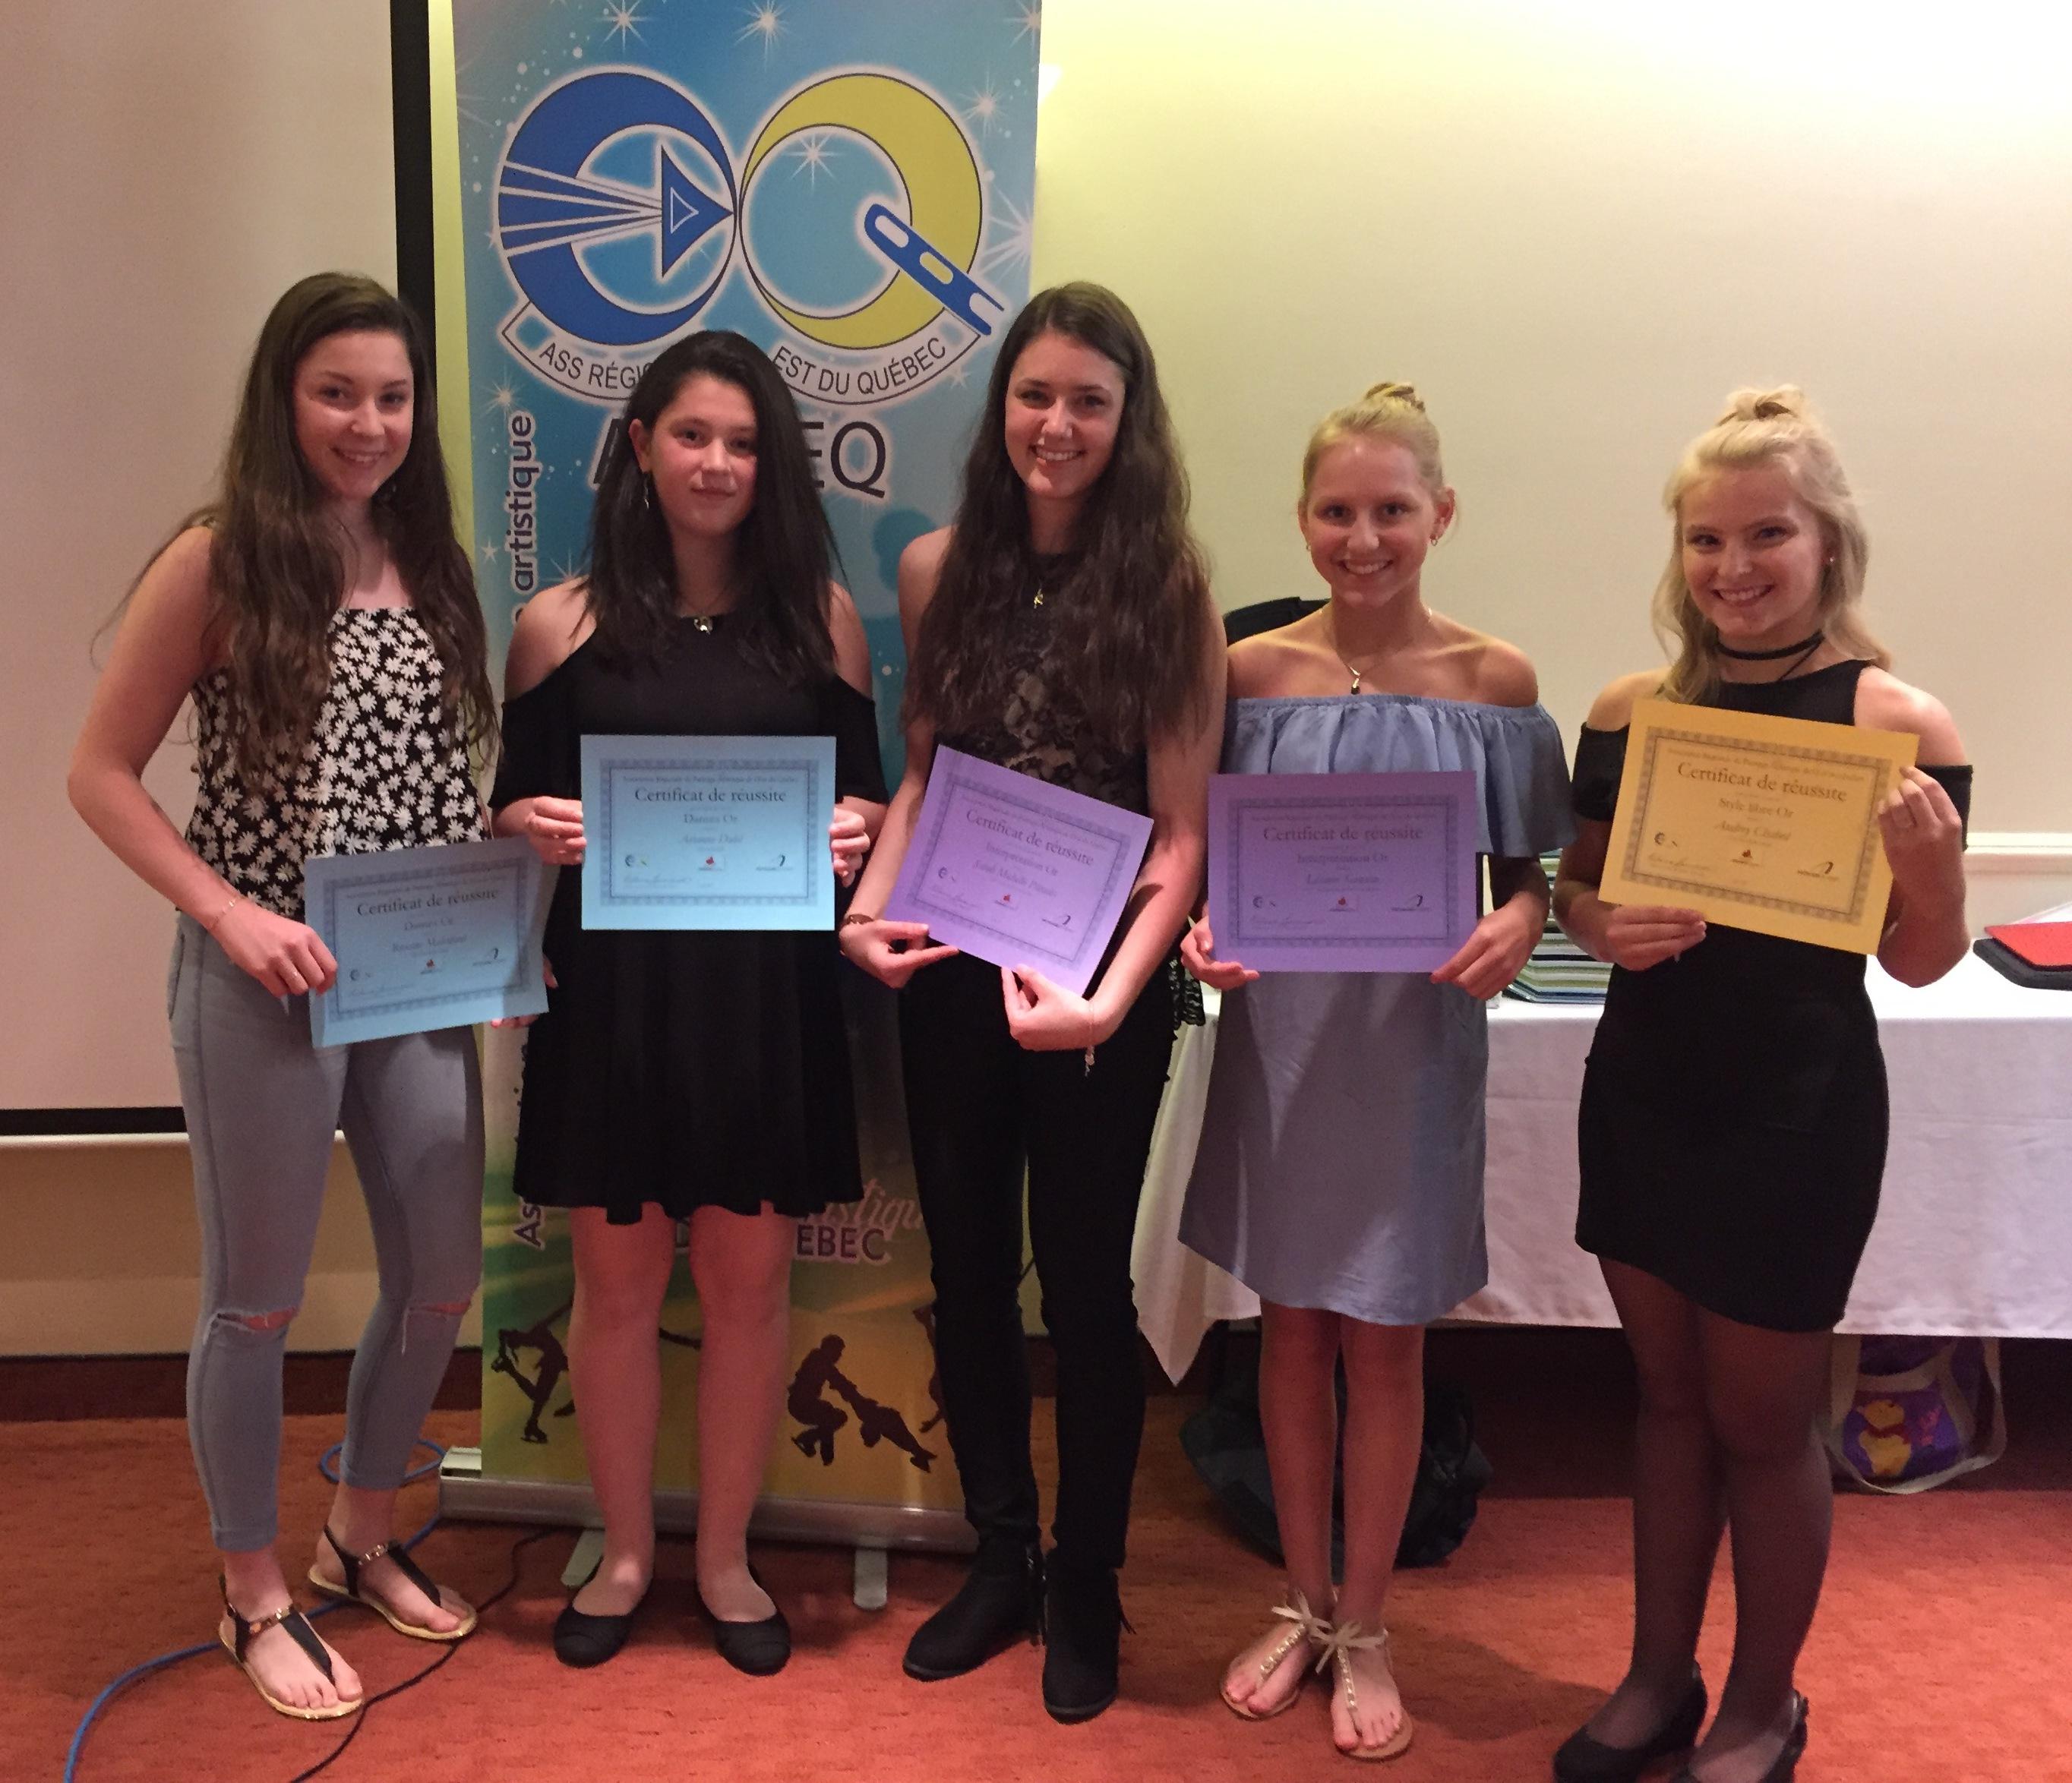 Plusieurs patineuses ont reçu des certificats pour leur niveau OR.